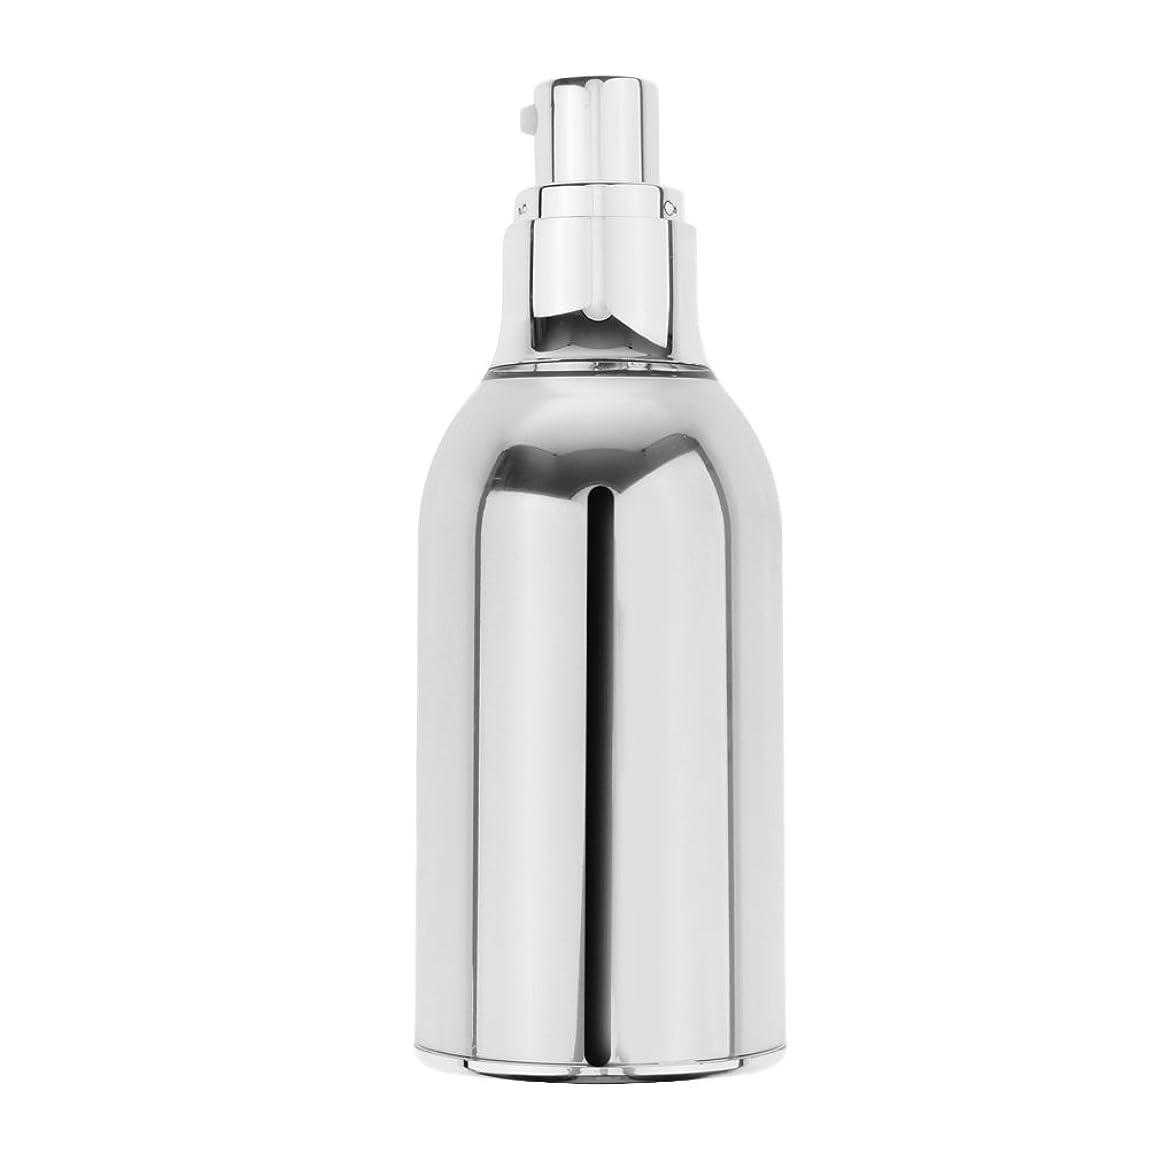 同情バージン失Kesoto ポンプボトル プレスボトル スプレーボトル メイクアップ プラスチック 真空ボトル オイル ローション 50ml 収納 コンテナ